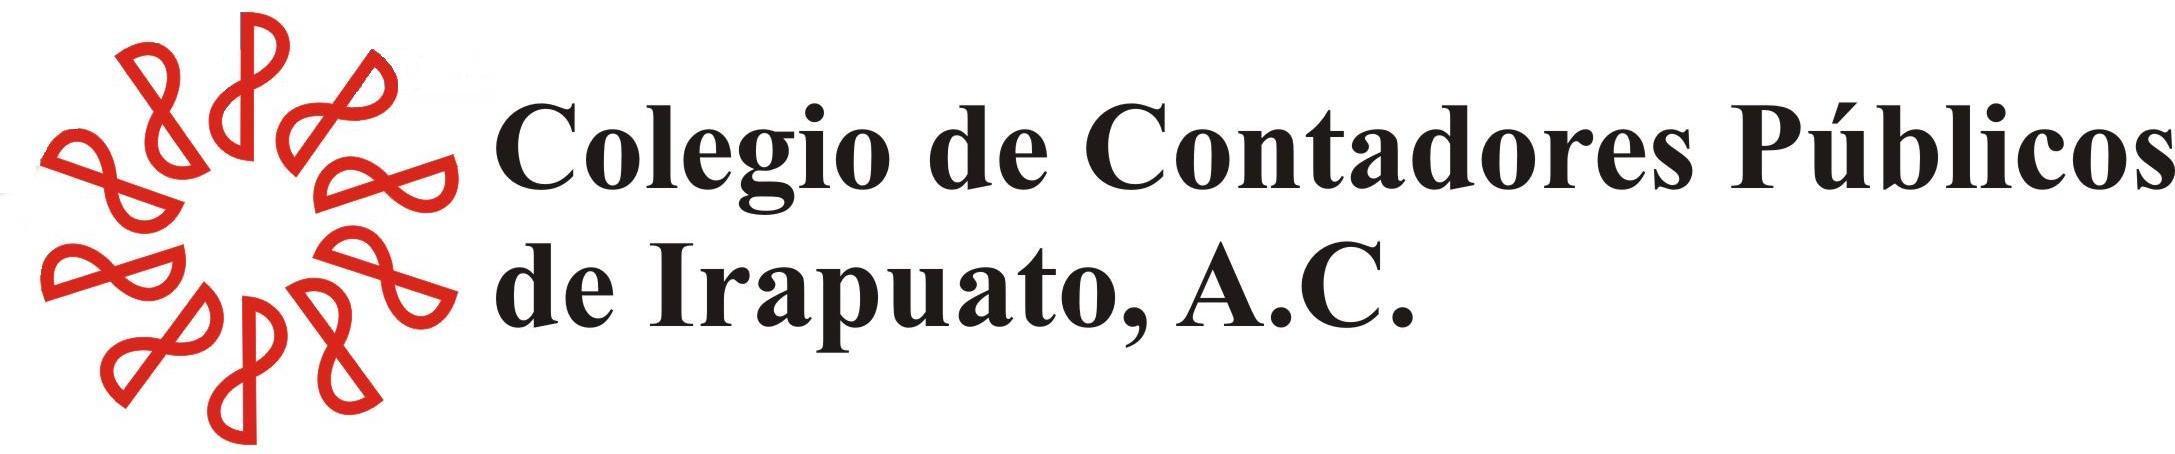 Colegio de Contadores Públicos de Irapuato